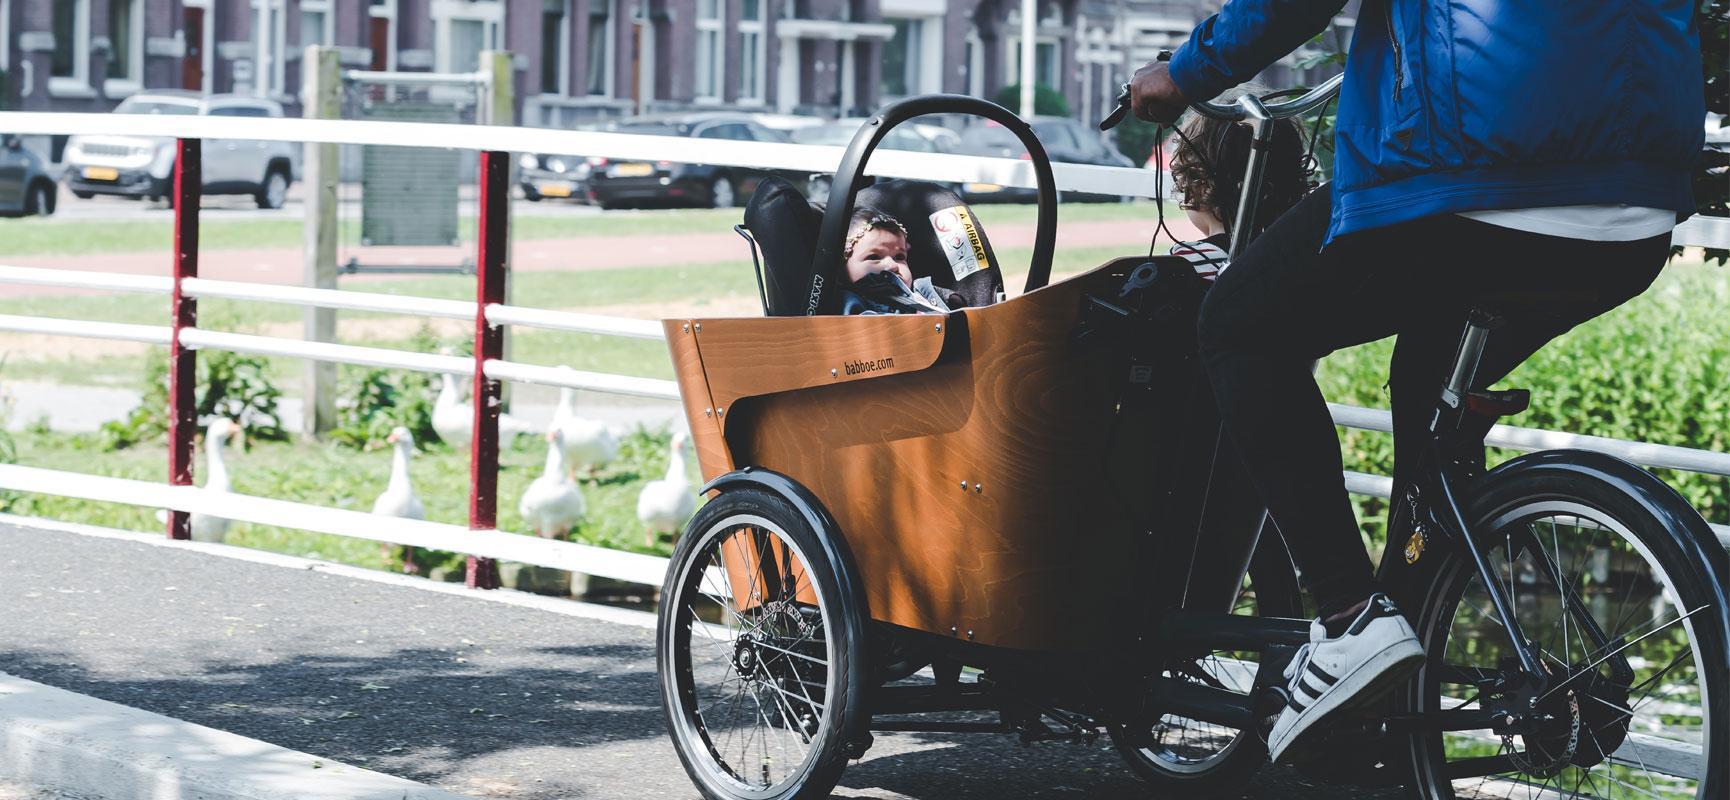 À partir de quand vais-je pouvoir faire du vélo avec mon bébé ?